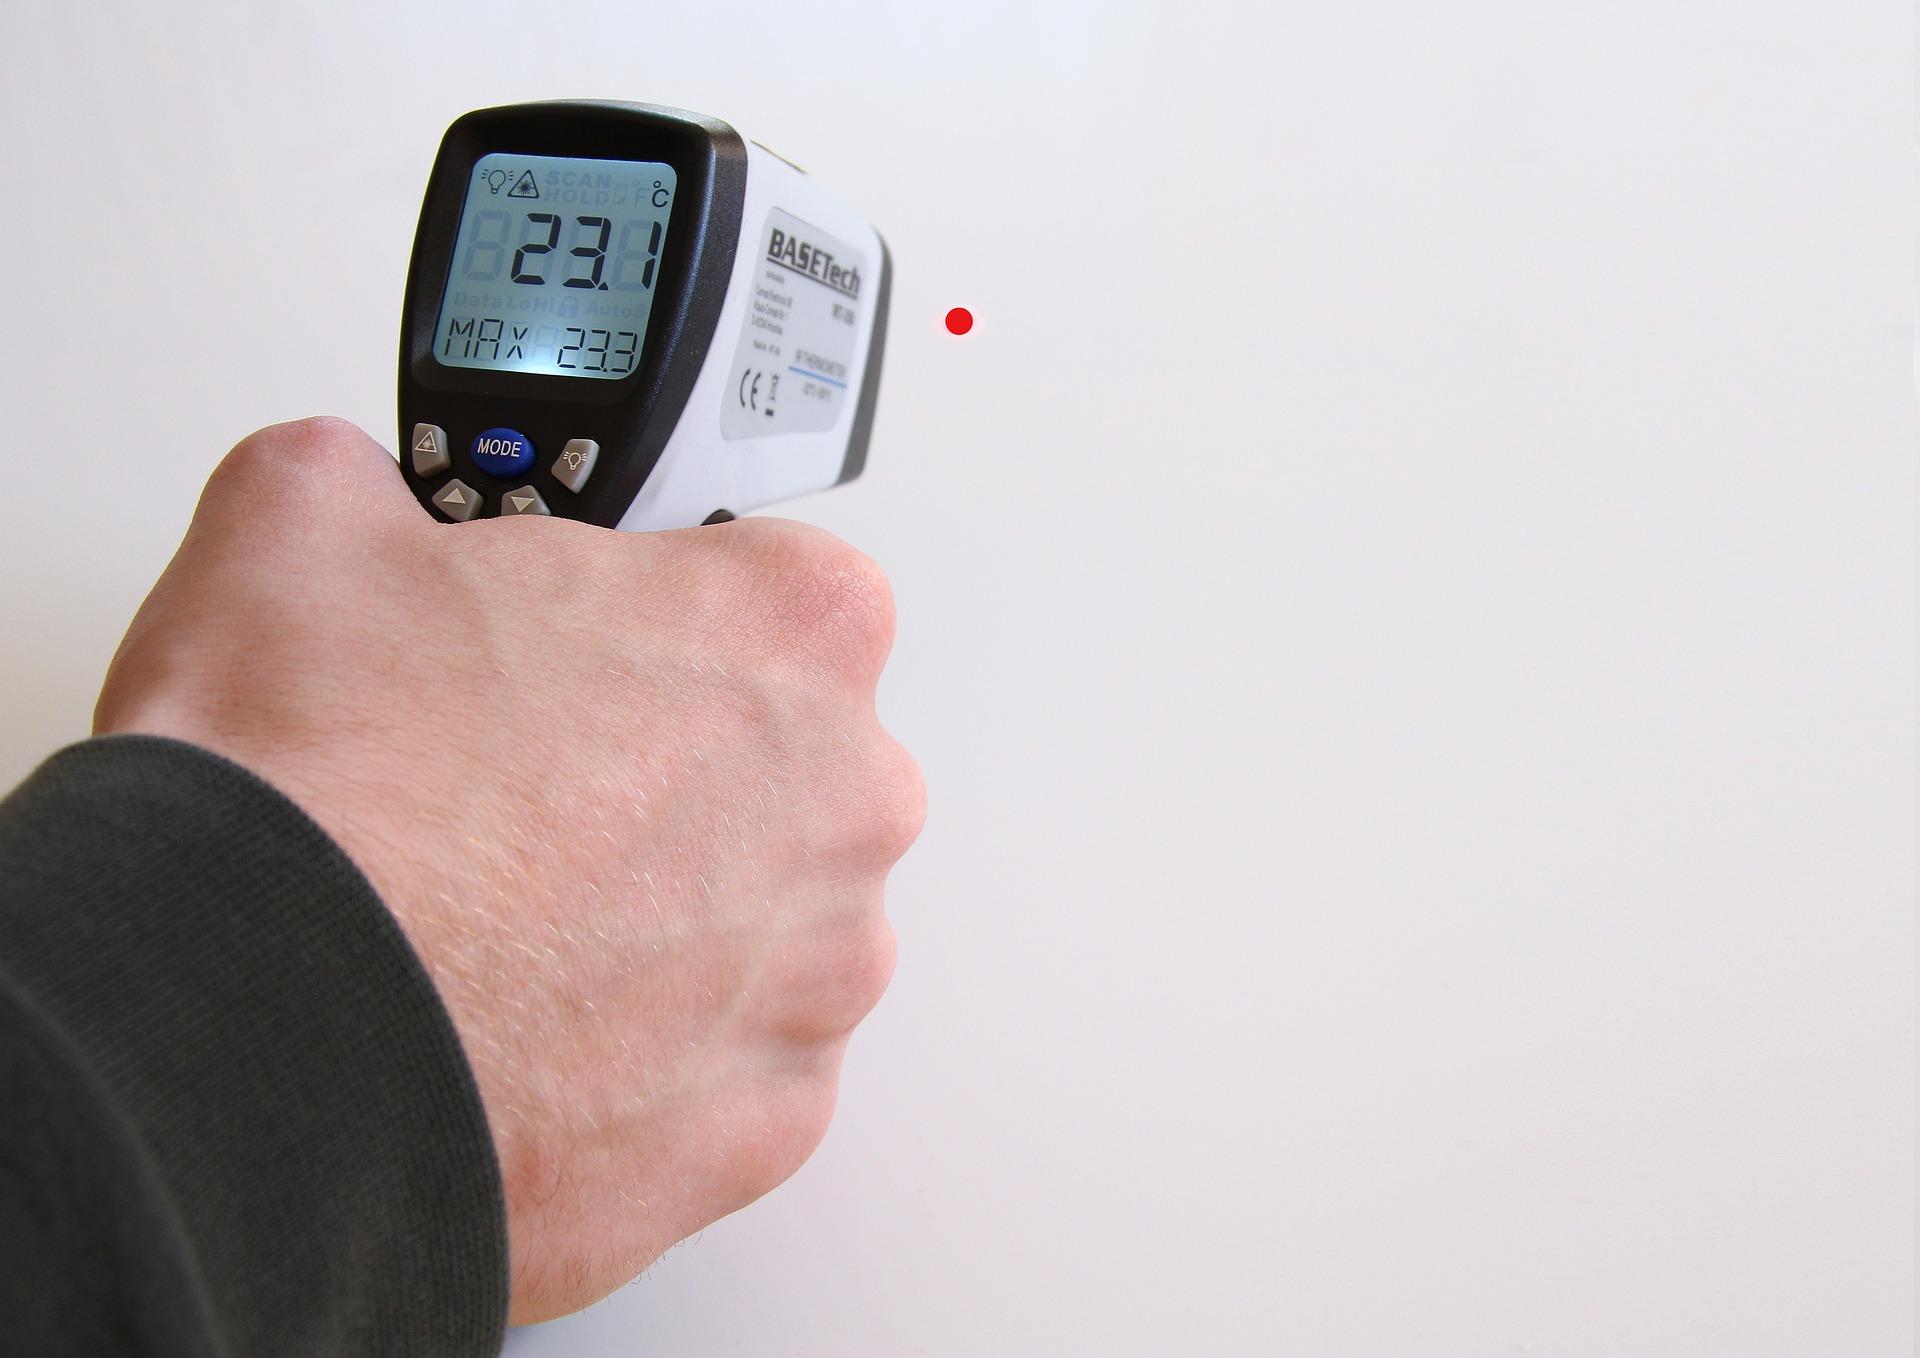 A importância de monitorar a temperatura do baú de carga